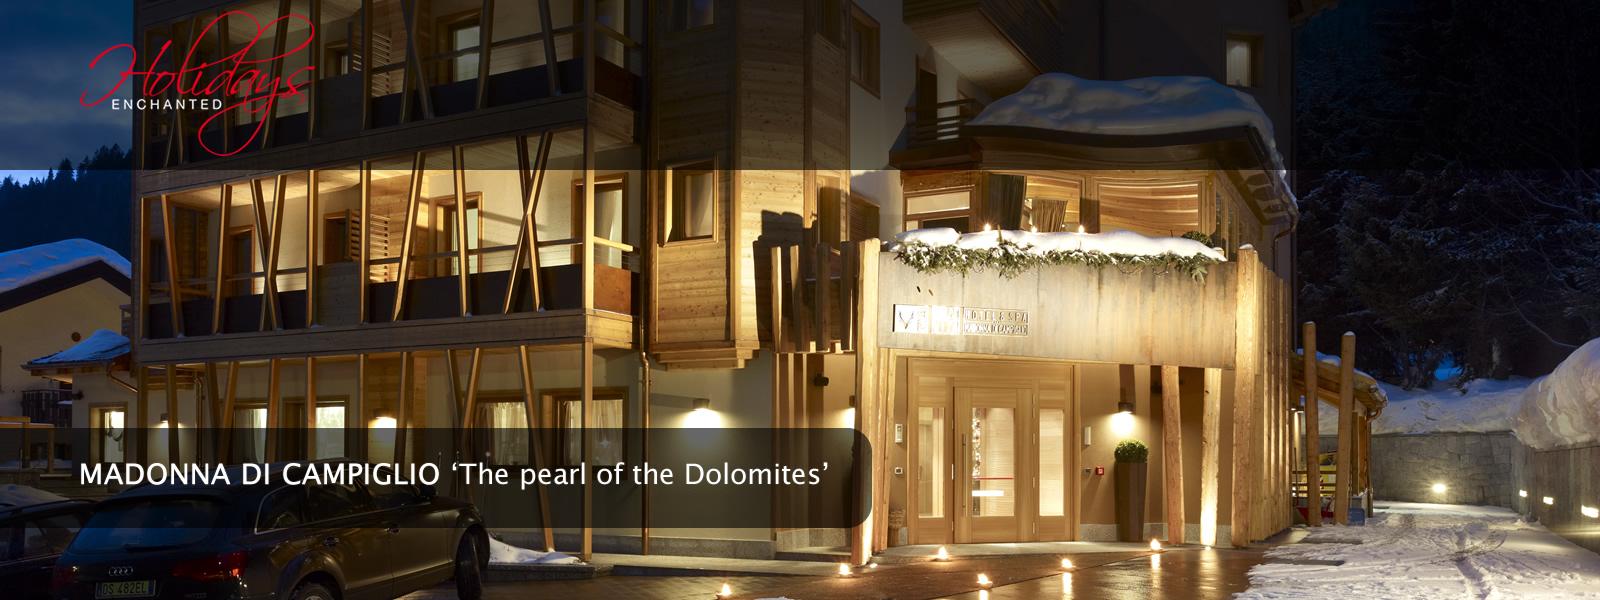 DV Chalet Boutique Hotel and Spa, Madonna di Campiglio